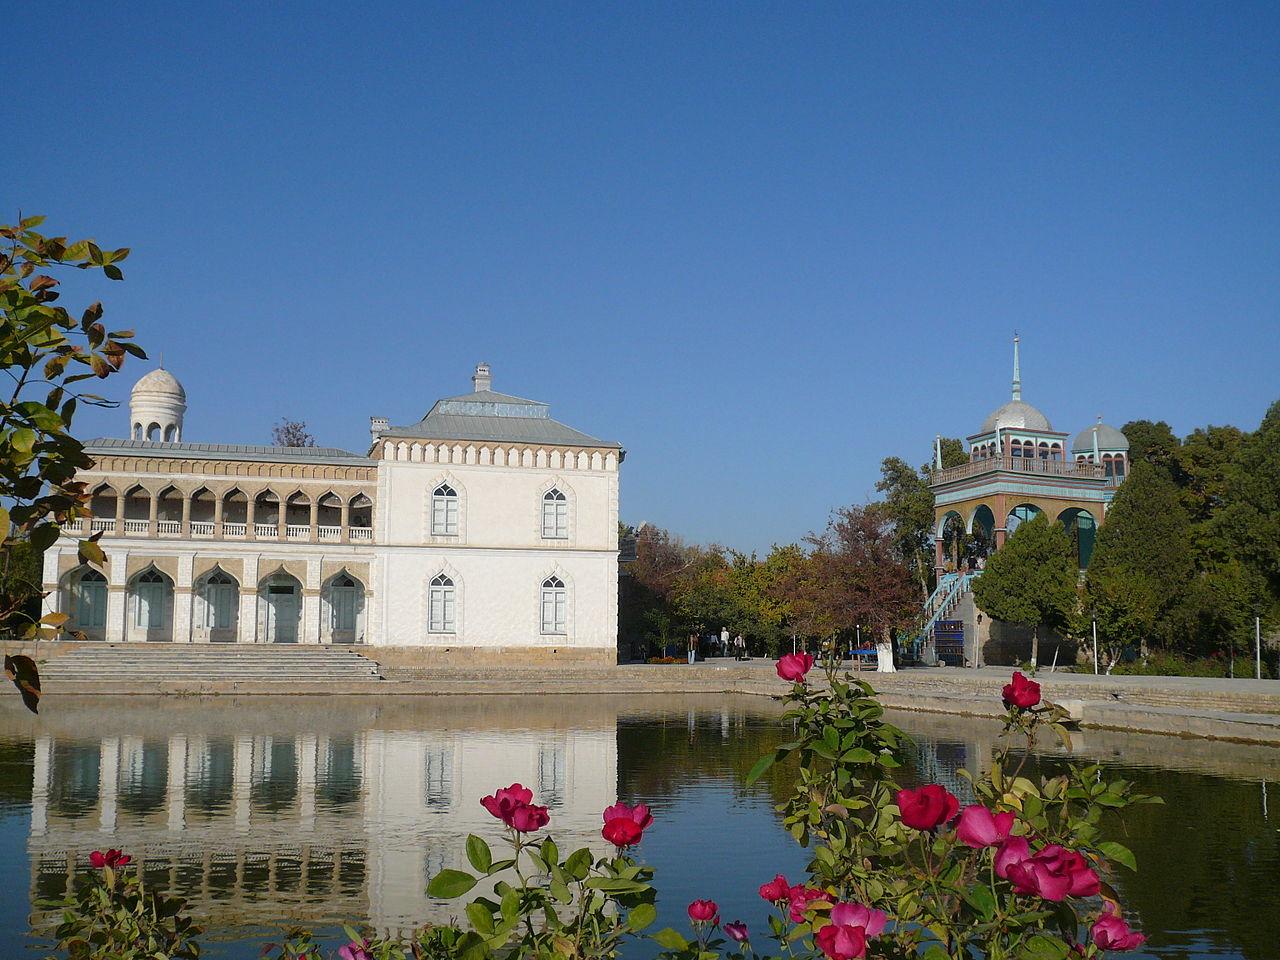 ДворецСитораи-махи-хаса